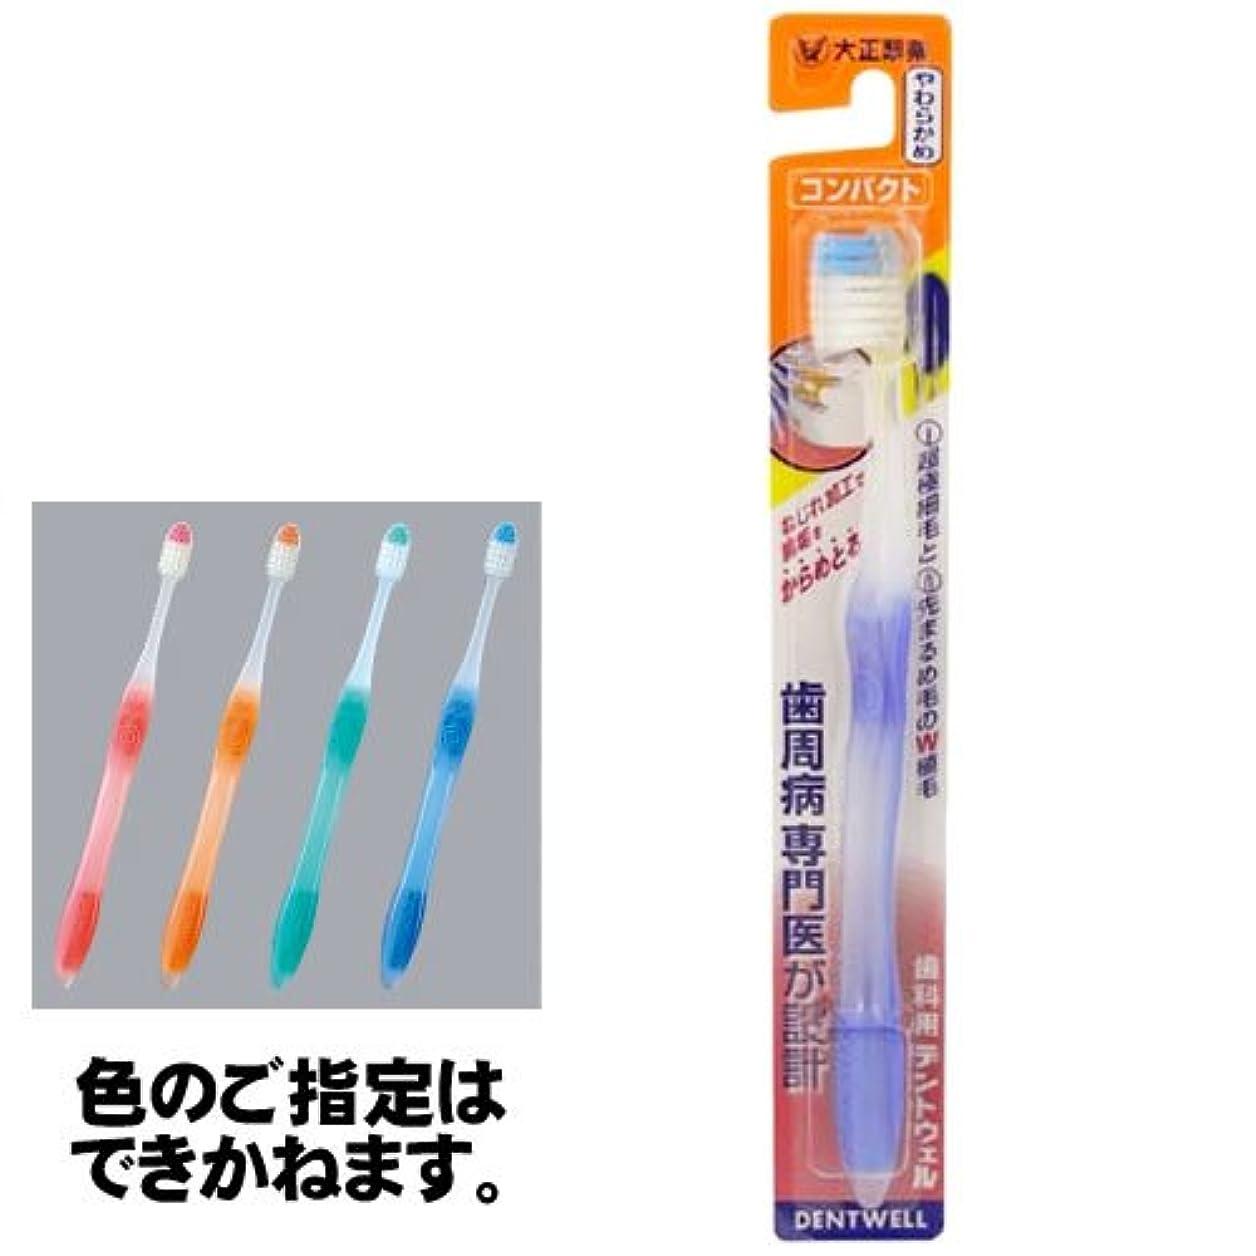 バンスパン参加者〔大正製薬〕歯科用デントウェル歯ブラシ コンパクト やわらかめ×12個セット